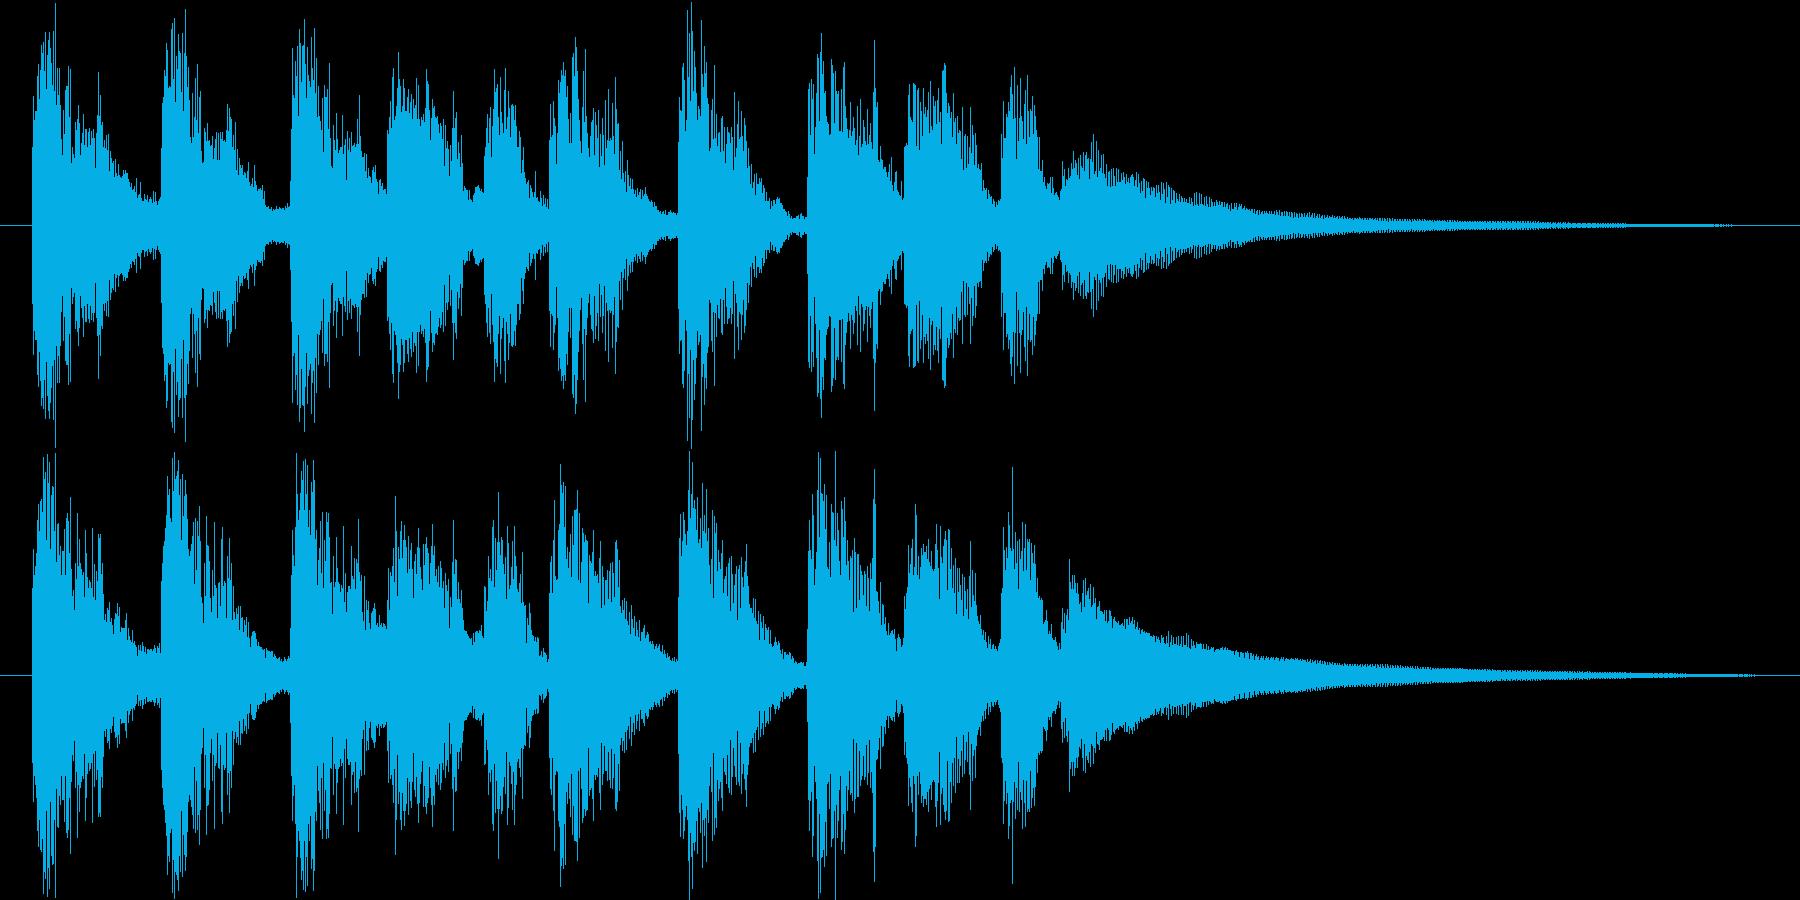 ジングル・未来・わくわく・幻想的・EDMの再生済みの波形